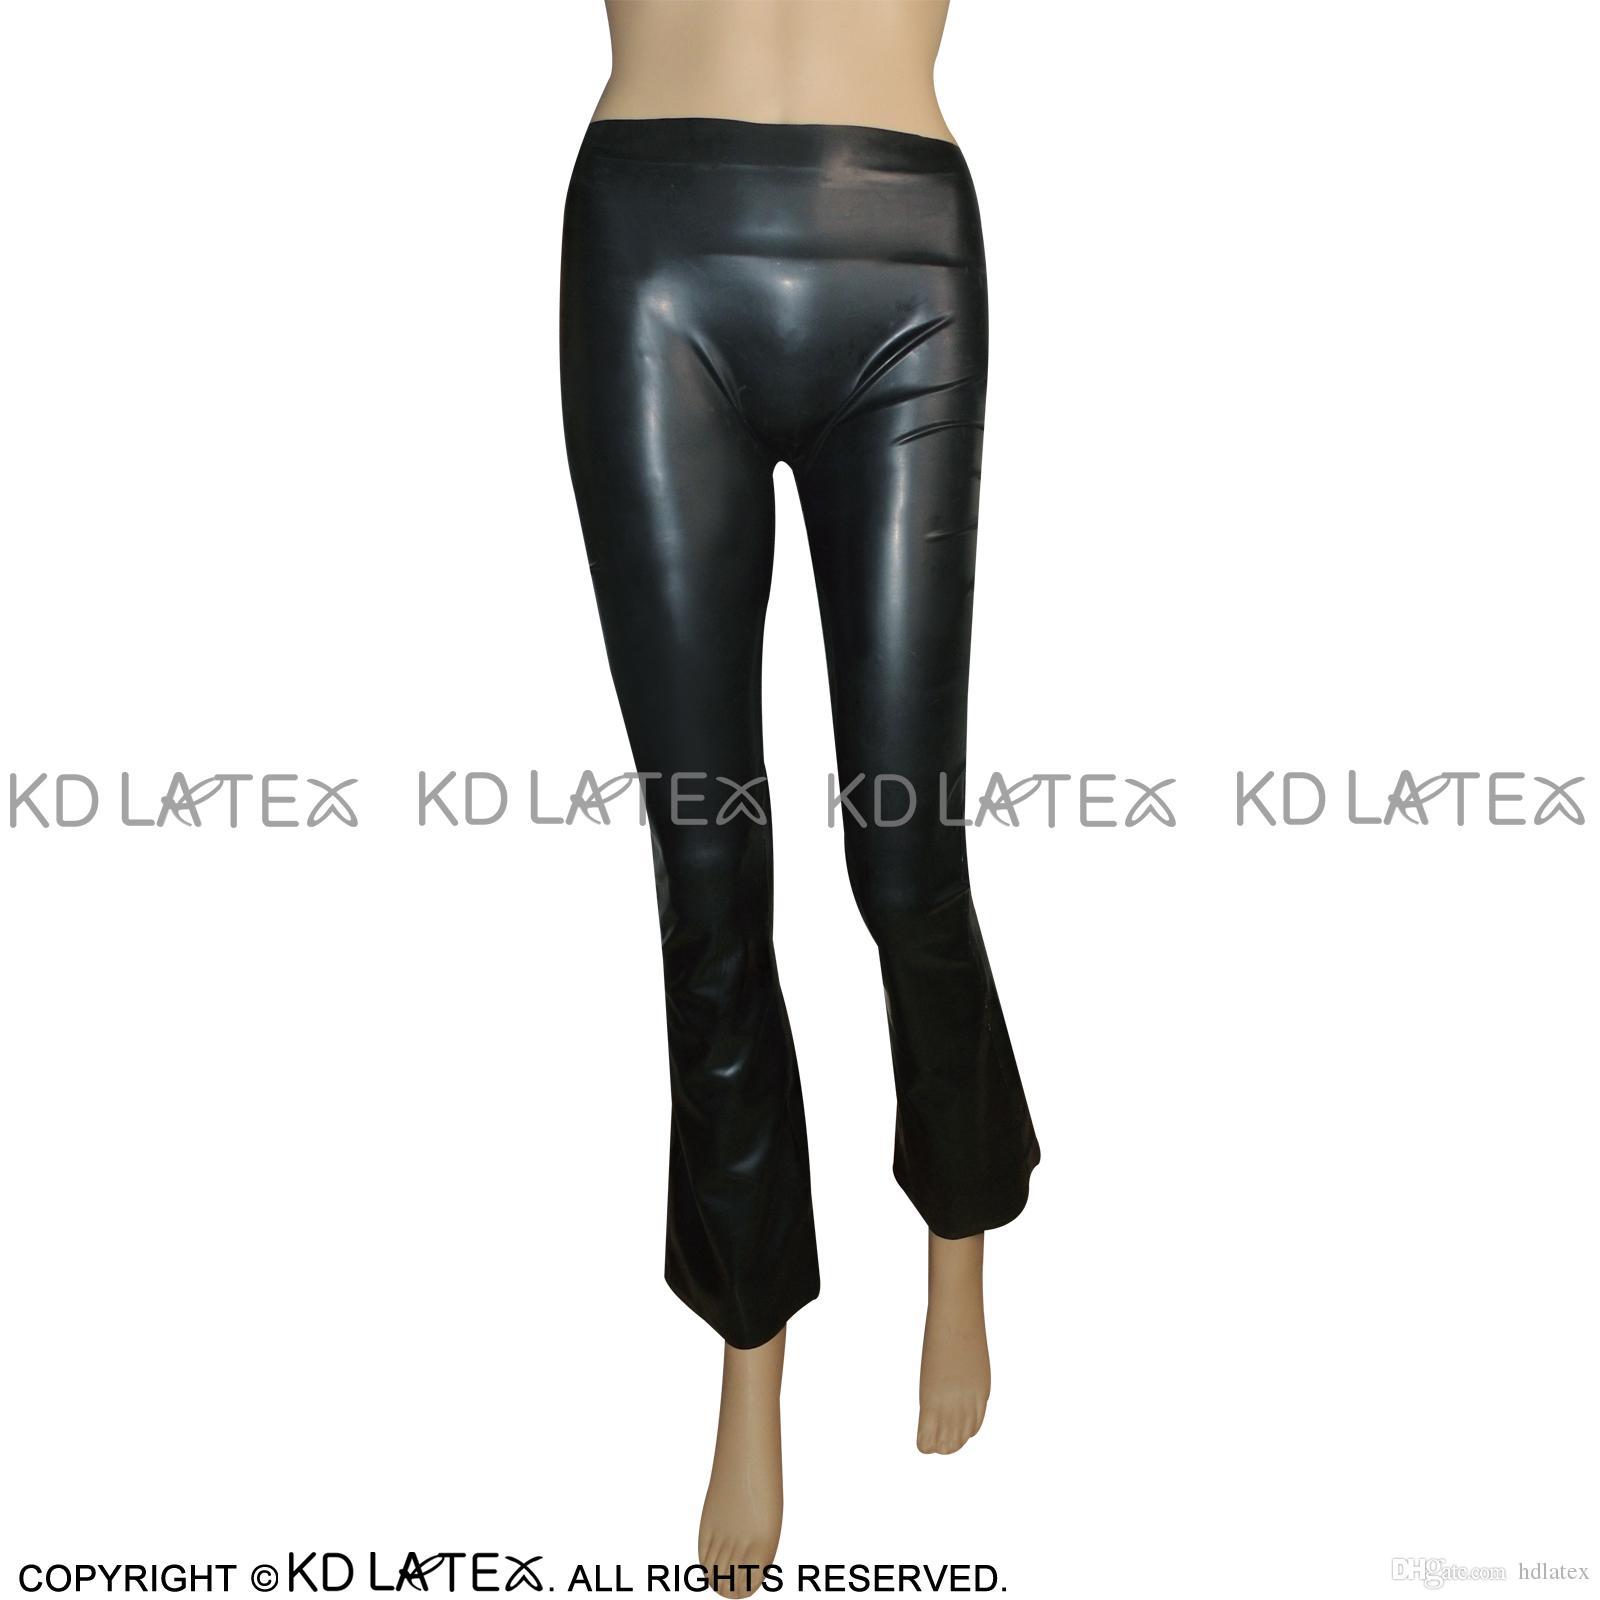 Compre Leggings De Látex Sexy Negro Con Piernas Acampanadas Pantalones De  Goma Campana De Fondo Pantalones Tallas Grandes Ventas Calientes 0021 A   84.71 Del ... 39336b3b643